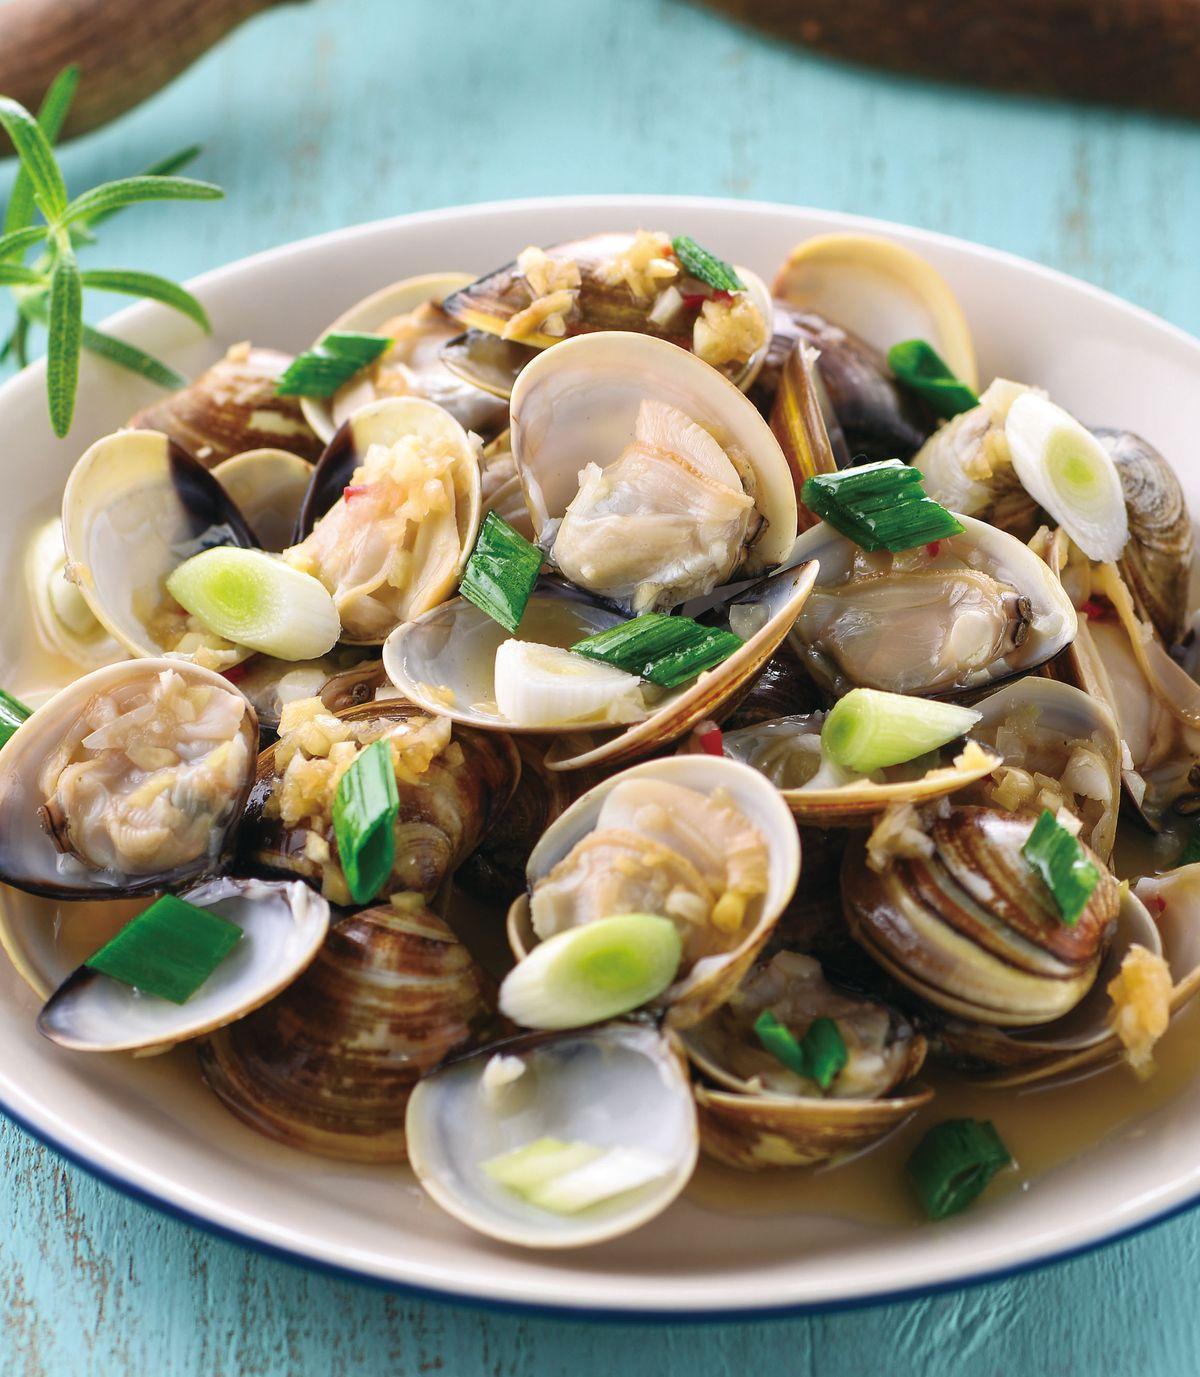 食譜:蒜蓉蒸蛤蠣